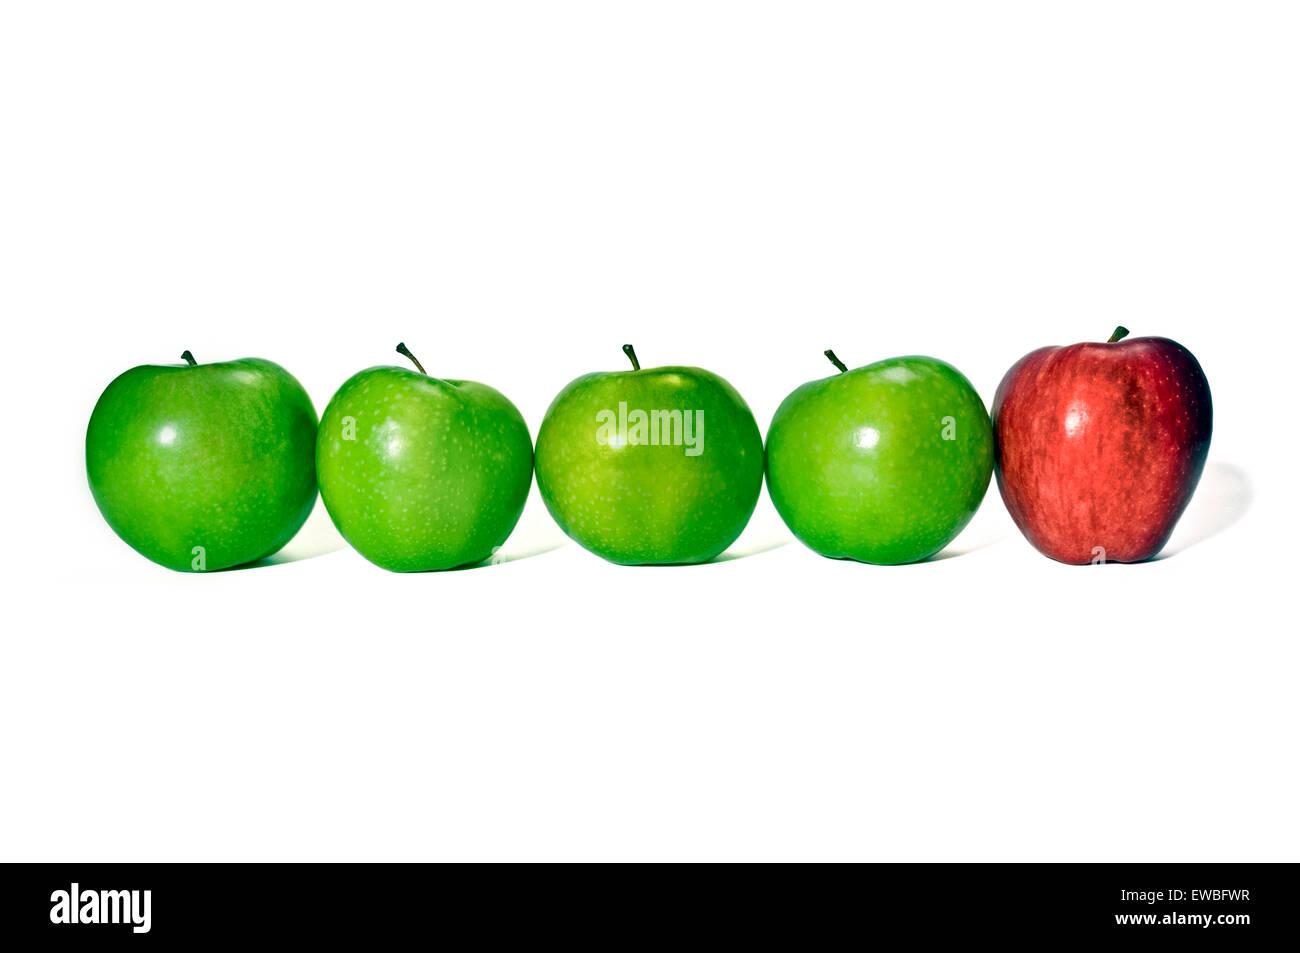 Uno impar. Fila de manzanas verdes con manzana roja en el extremo. Concepto de ser diferente o estilo de vida diferente Imagen De Stock